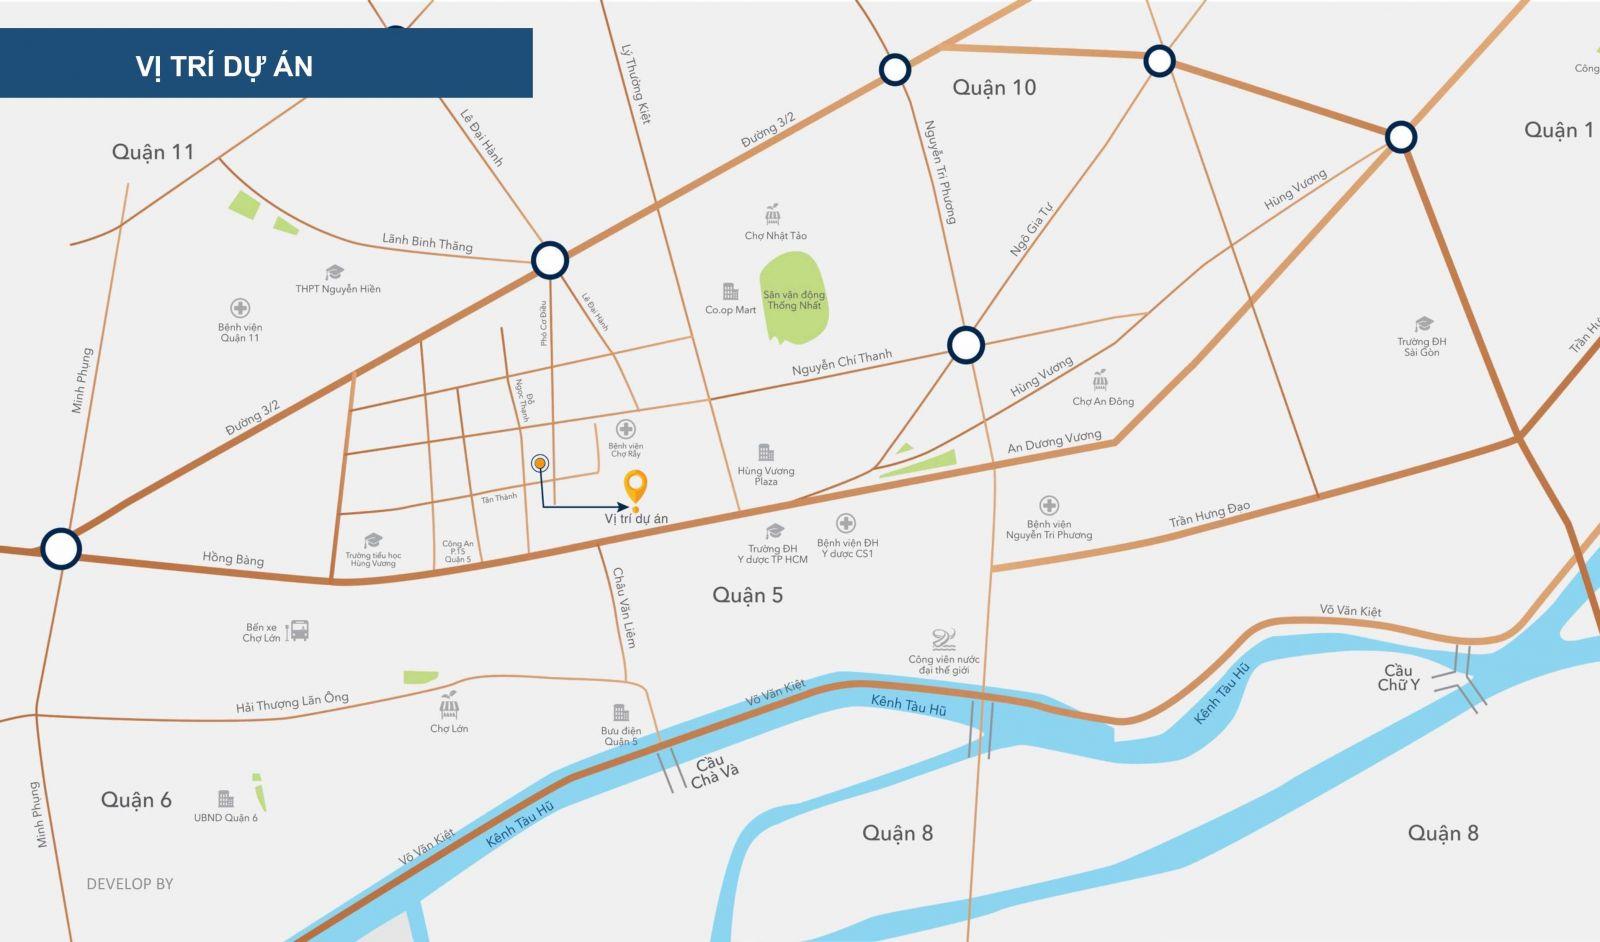 vị trí dự án venus luxury quận 5